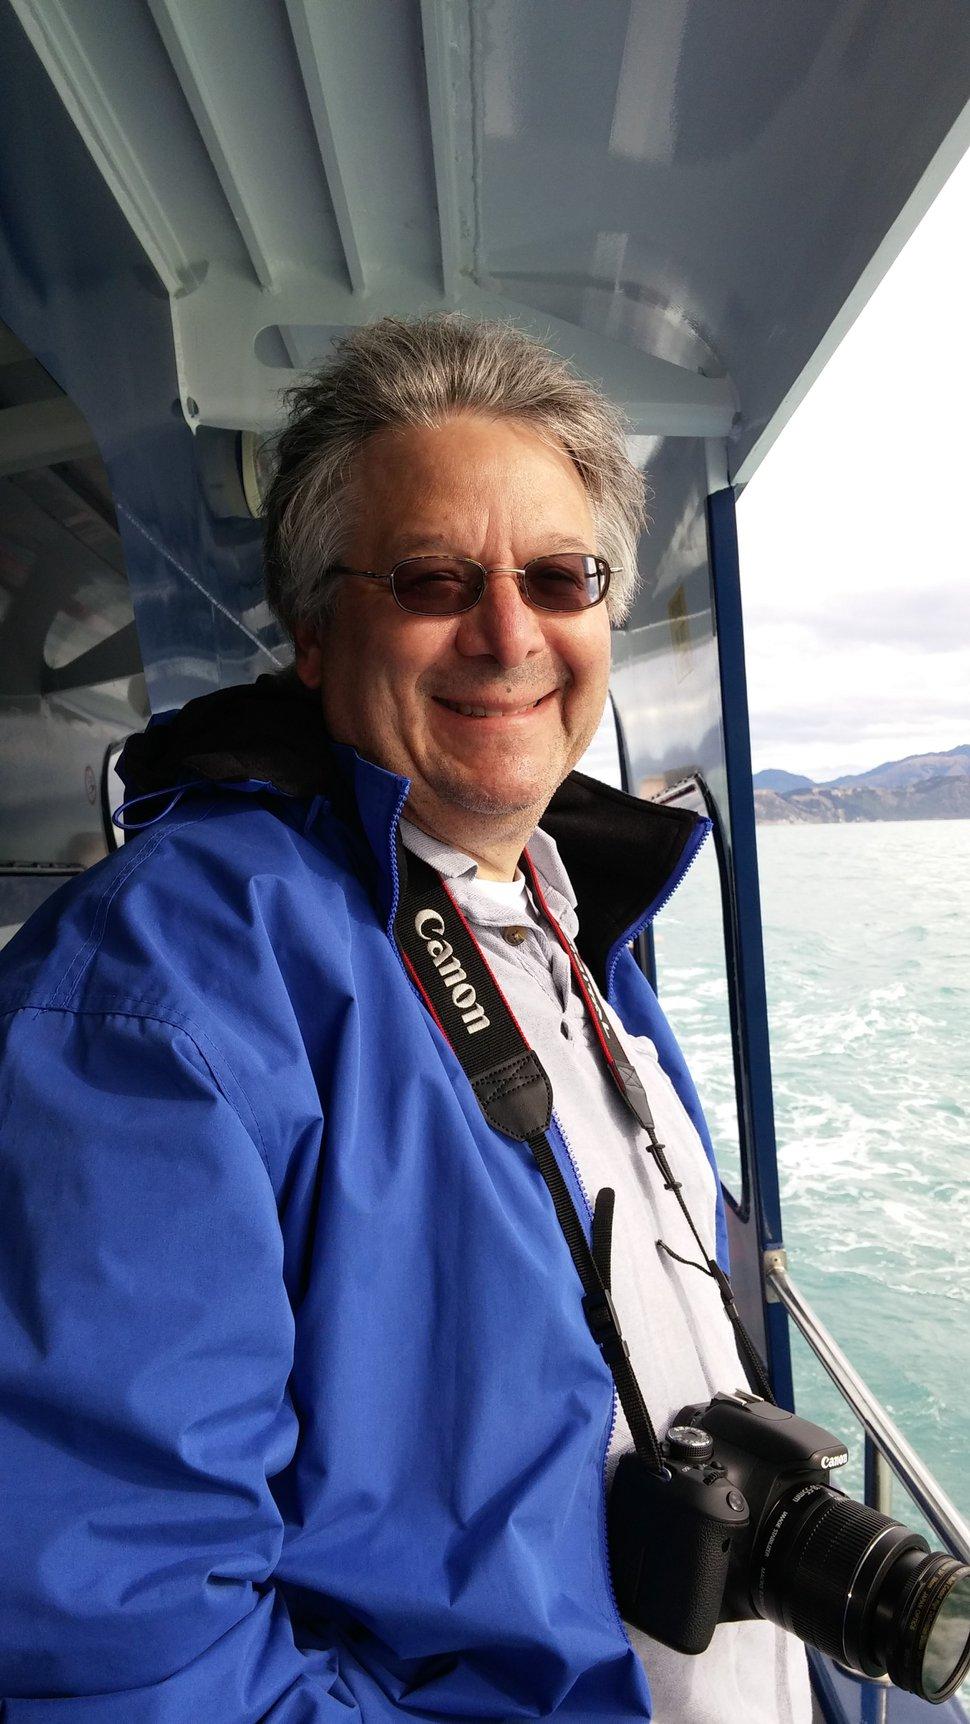 Ken Roach